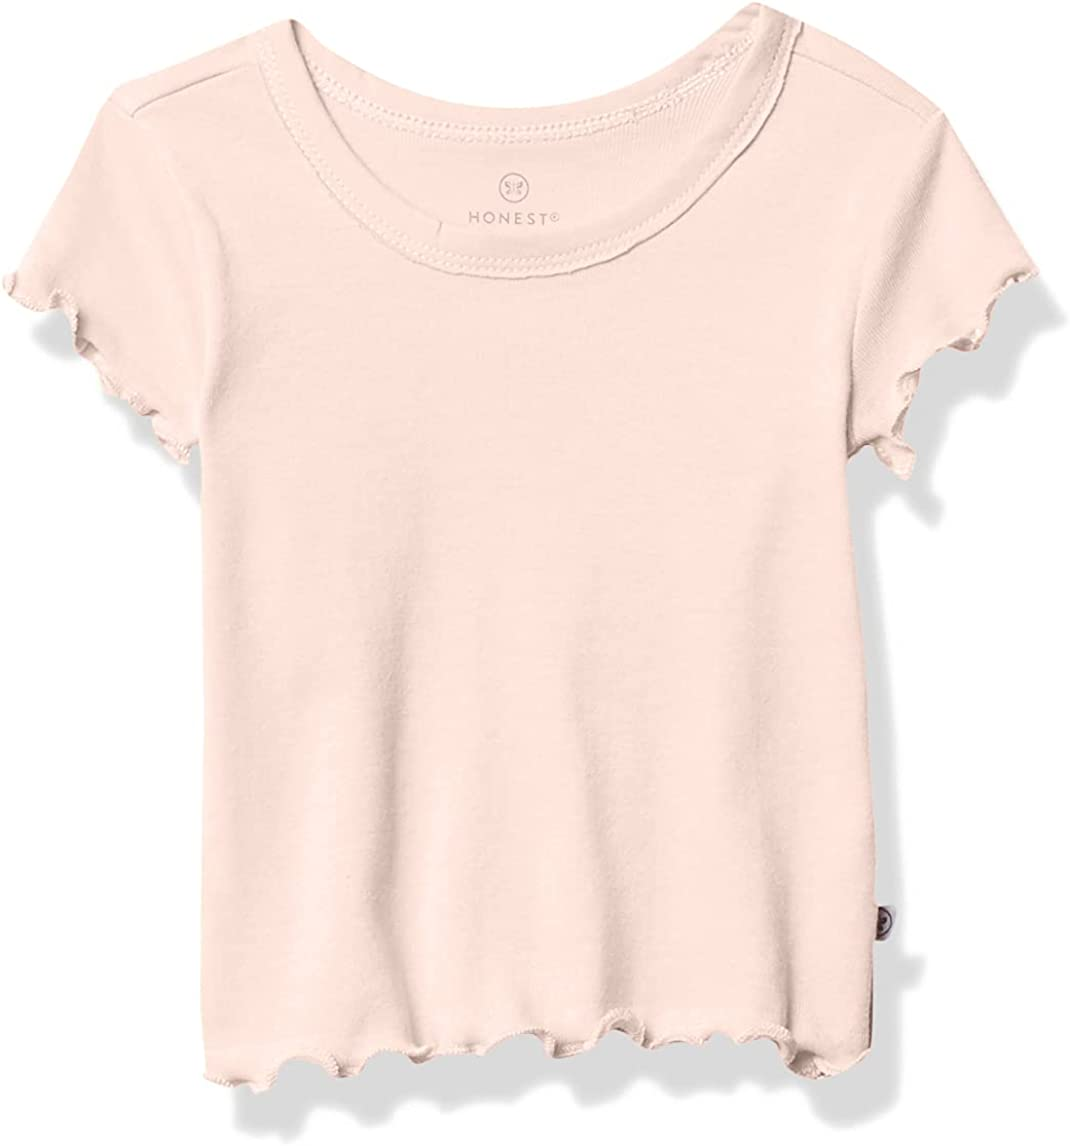 HonestBaby Baby Organic Cotton Rib Short Sleeve T-Shirt